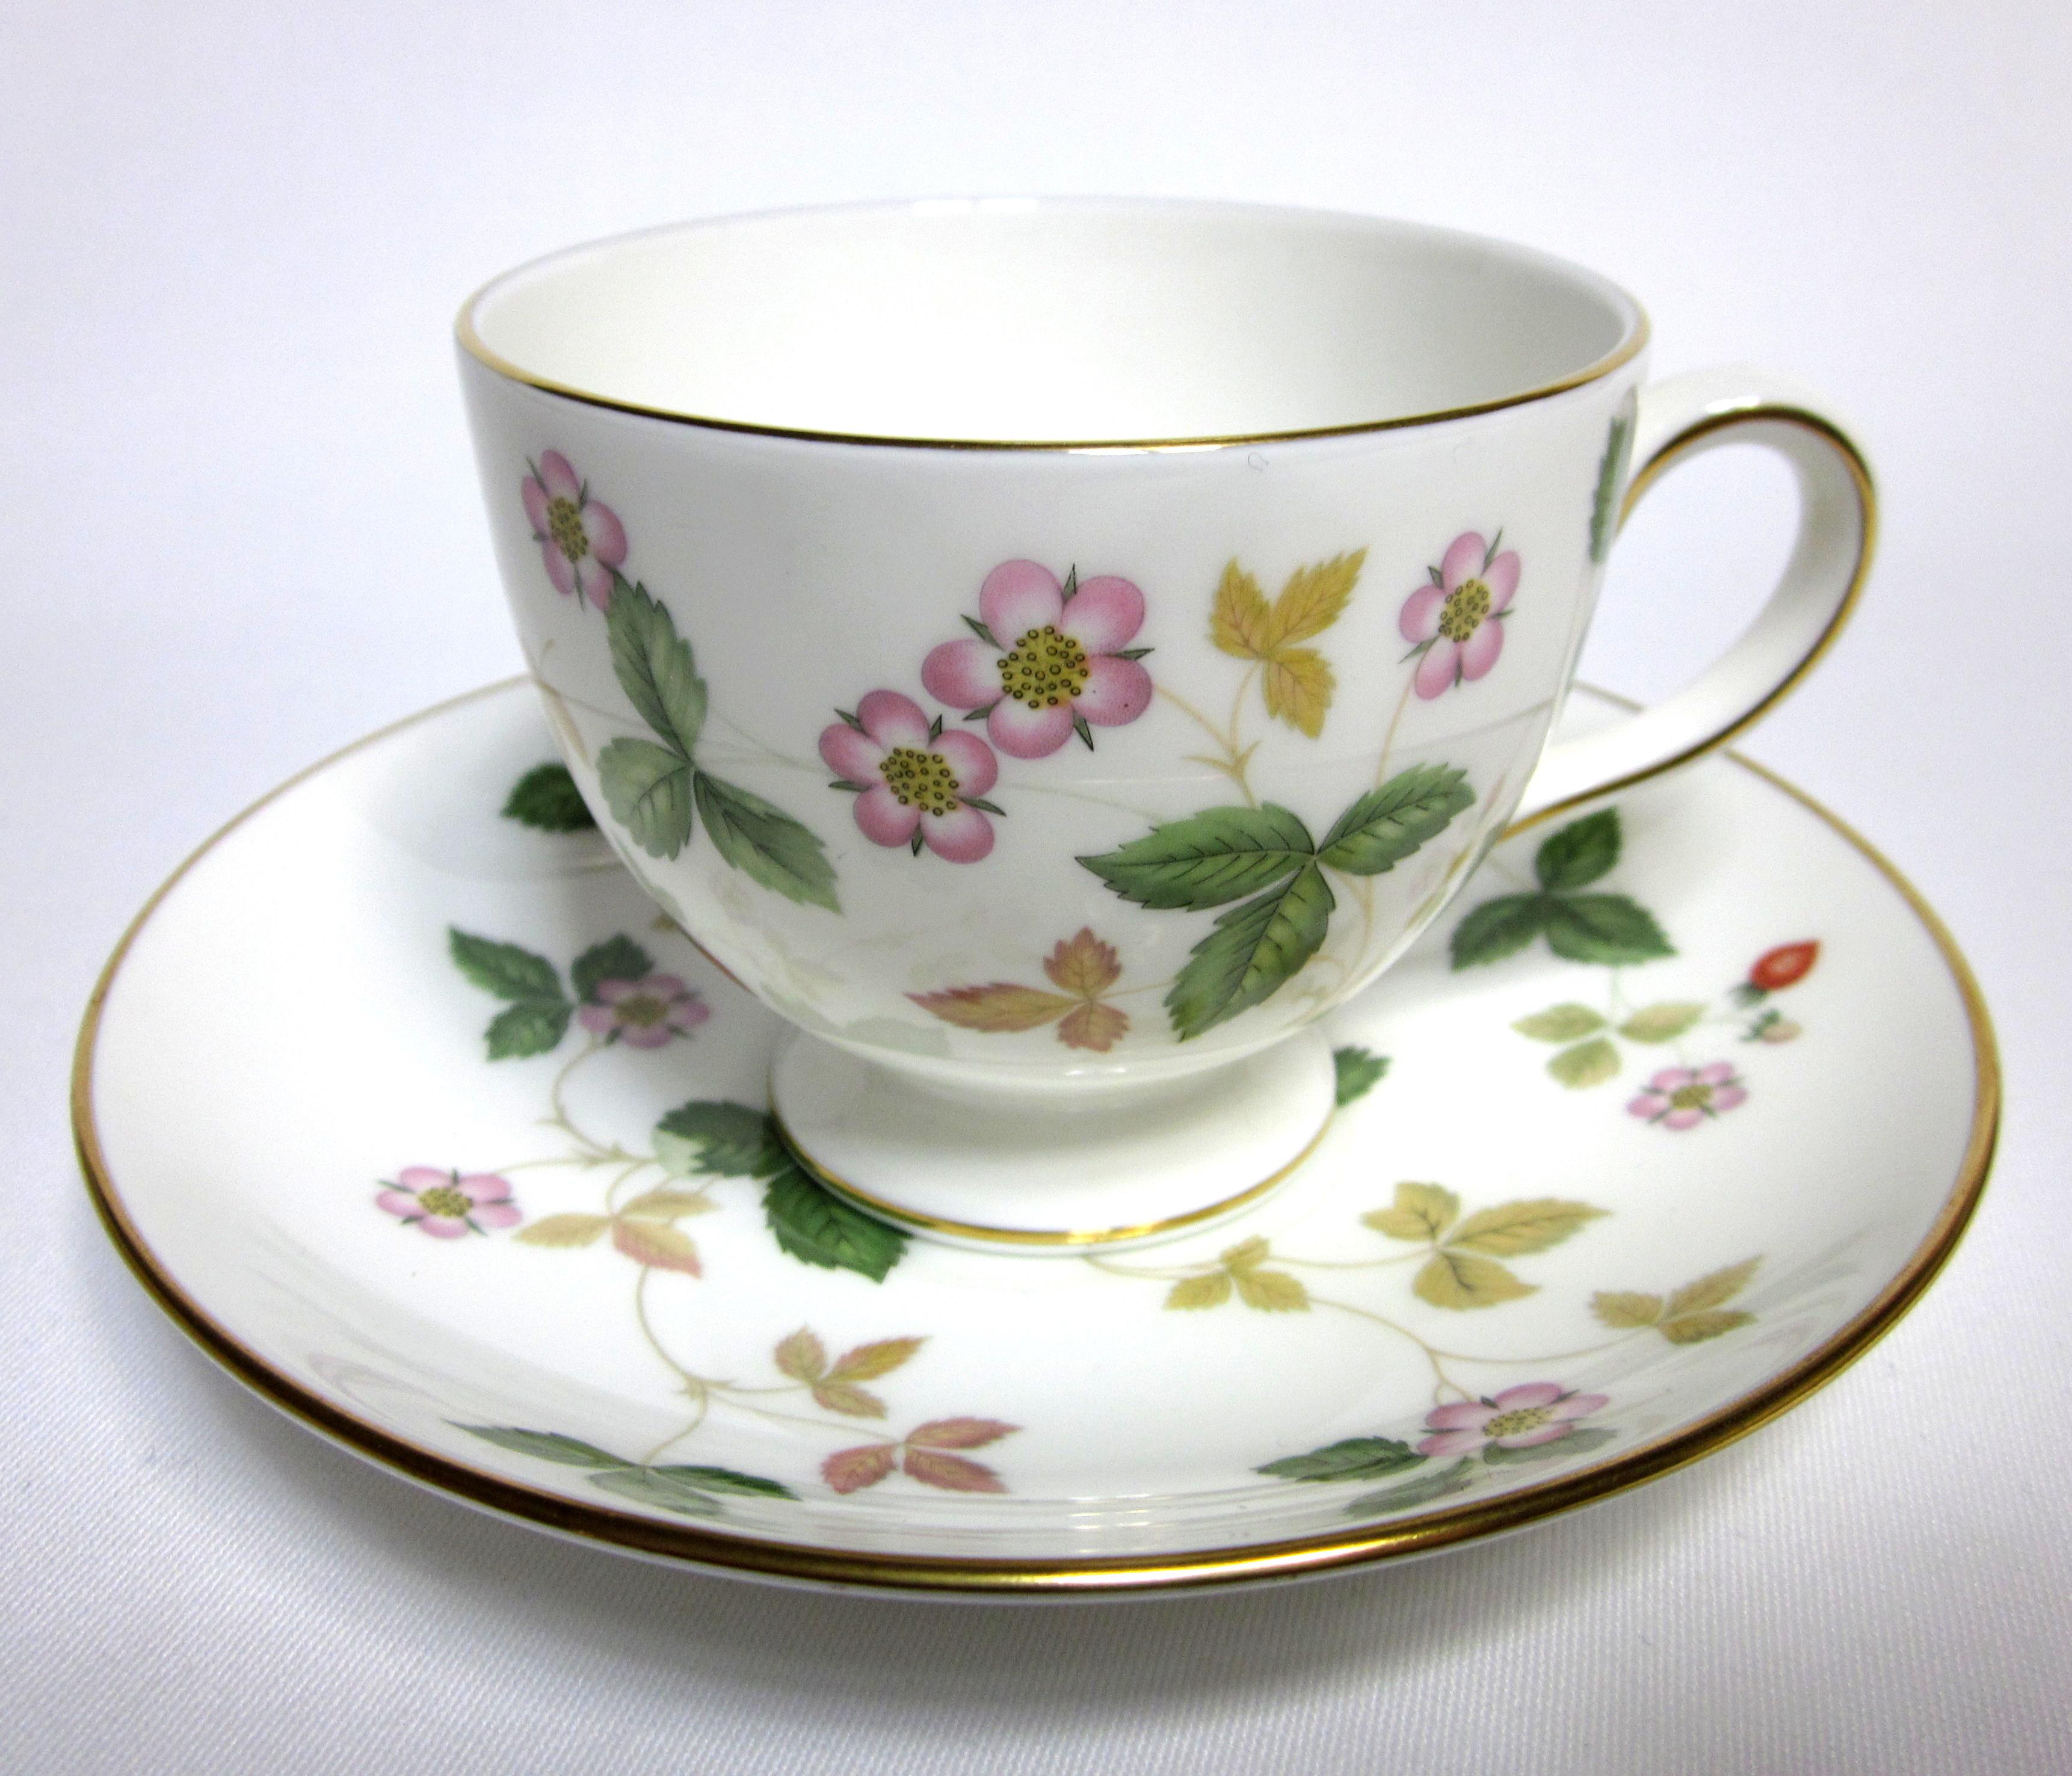 ウェッジウッド(Wedgwood)ワイルドストロベリー コーヒーカップ&ソーサー.